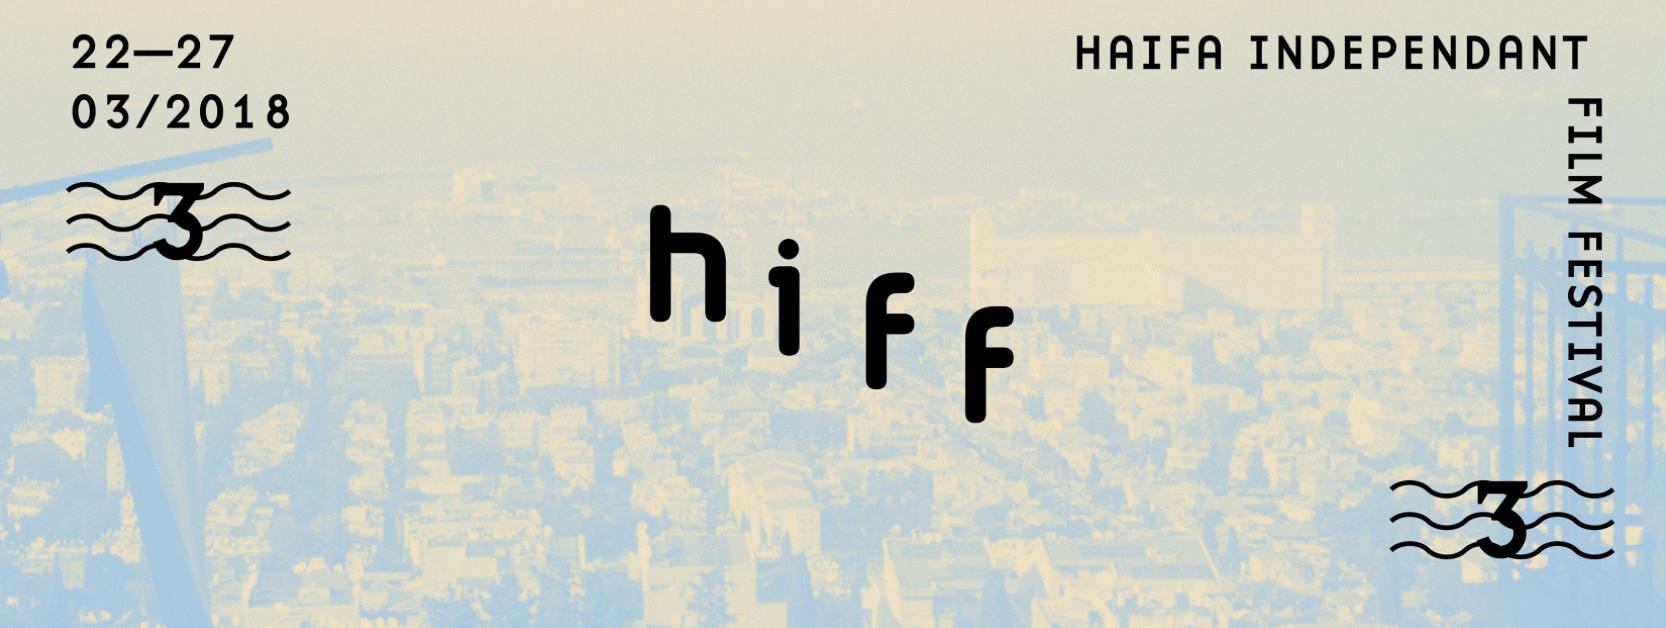 مهرجان حيفا المستقلّ للأفلام يُعلن عن موعد دورته الثالثة